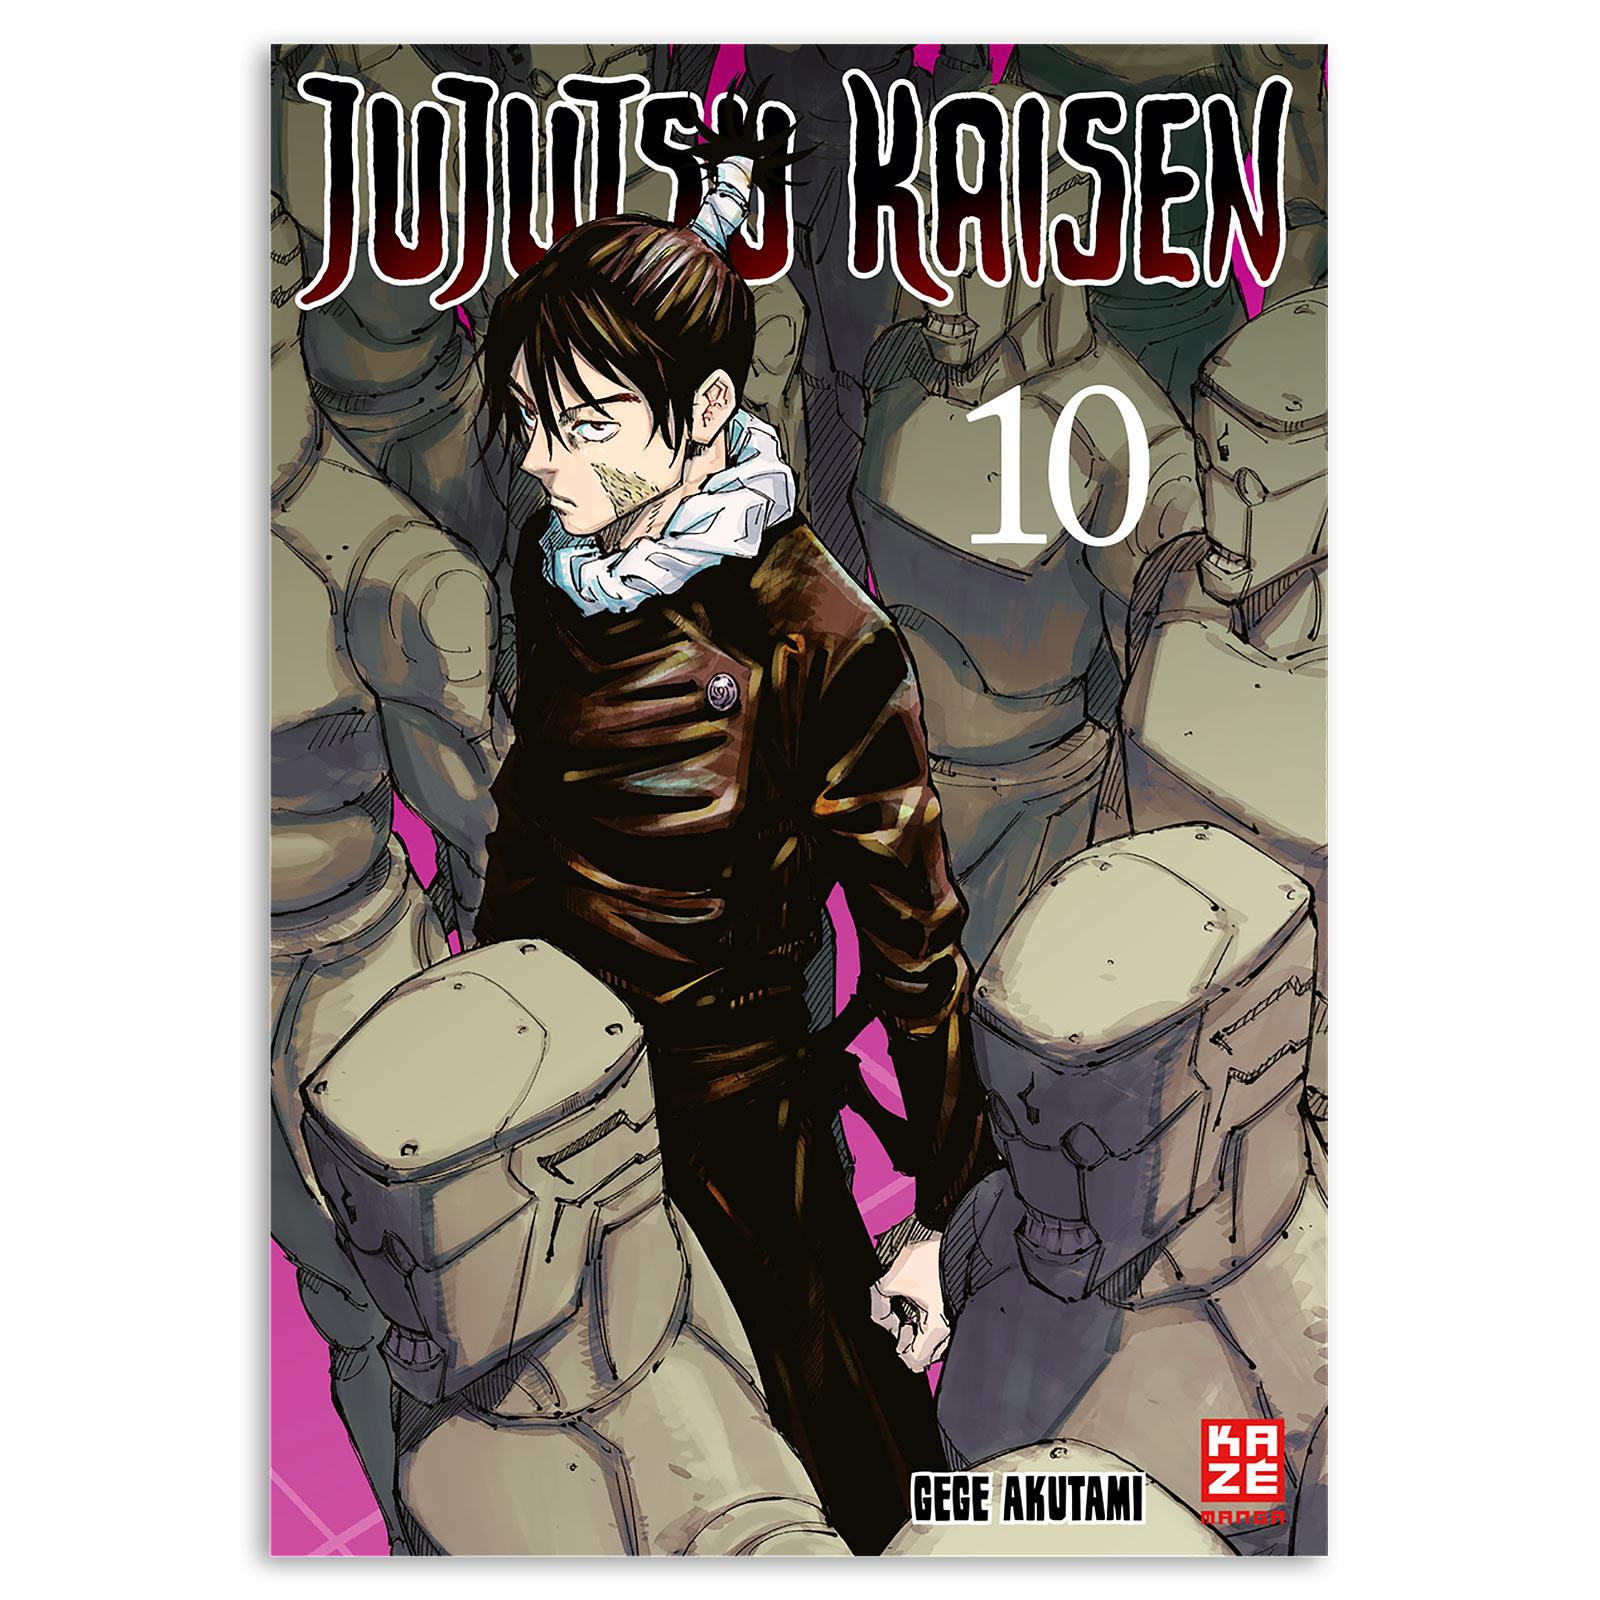 Jujutsu Kaisen - Band 10 Taschenbuch